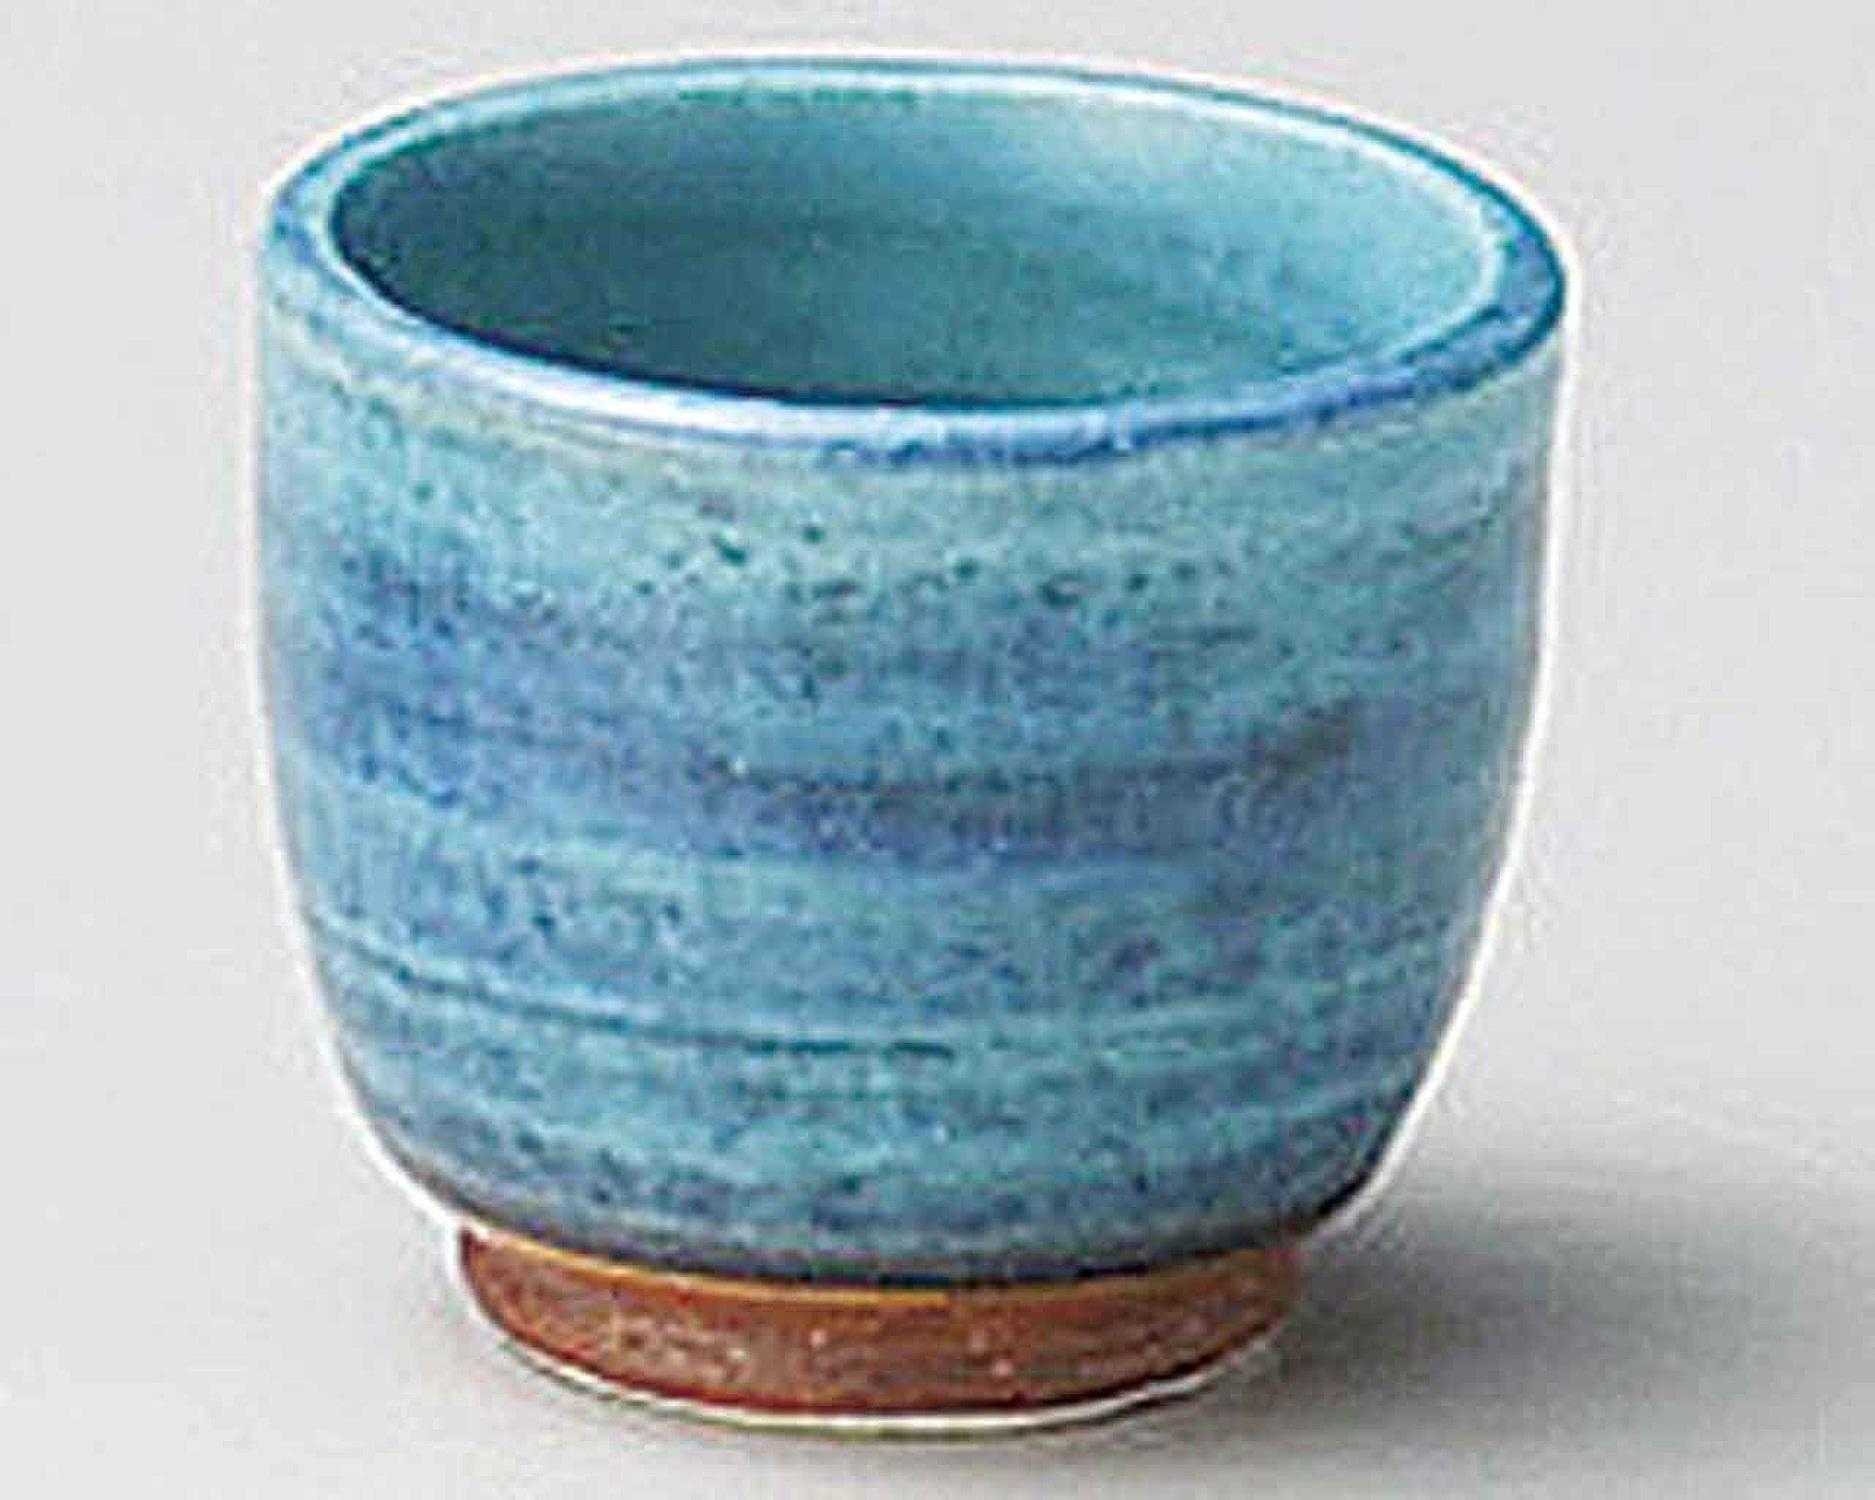 Turkish bleu 5.3cm Ensemble de 5 Sake Cups bleu Ceramic Originale Japonaise